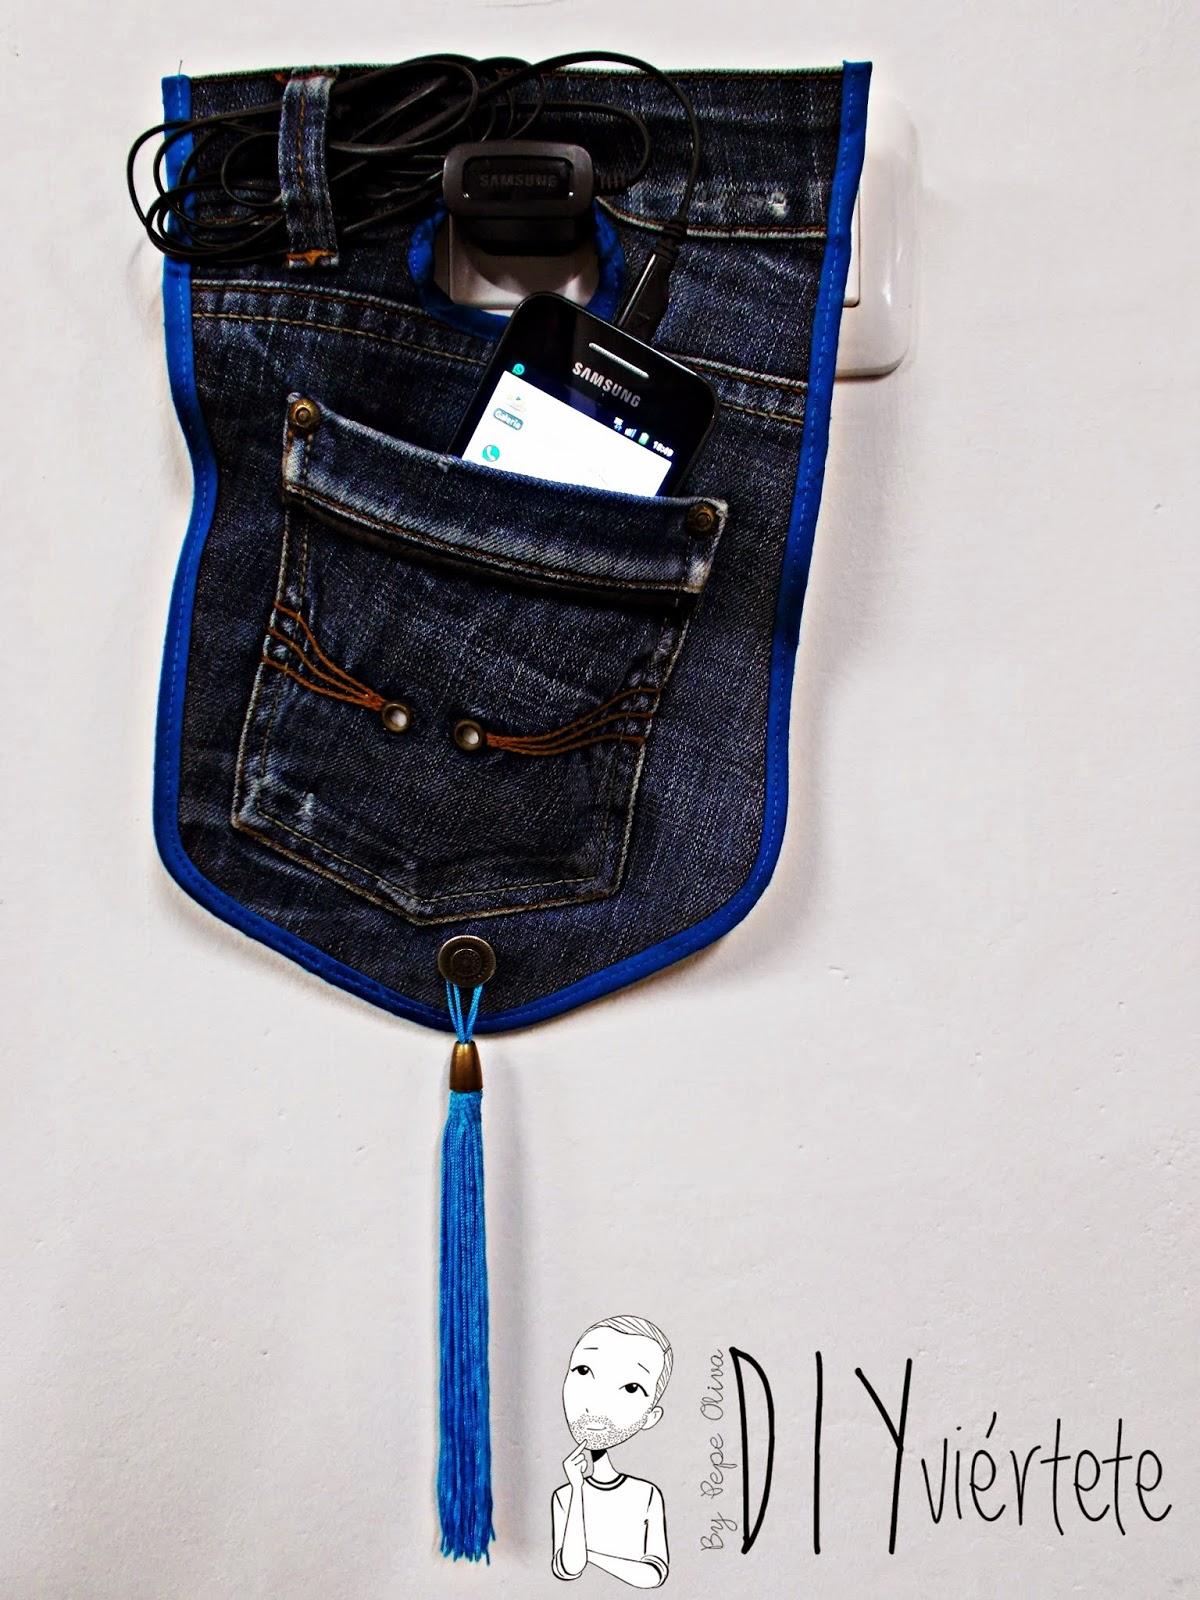 DIY-costura-reciclar-costumizar-vaquero-cargador-móvil-DIYviértete